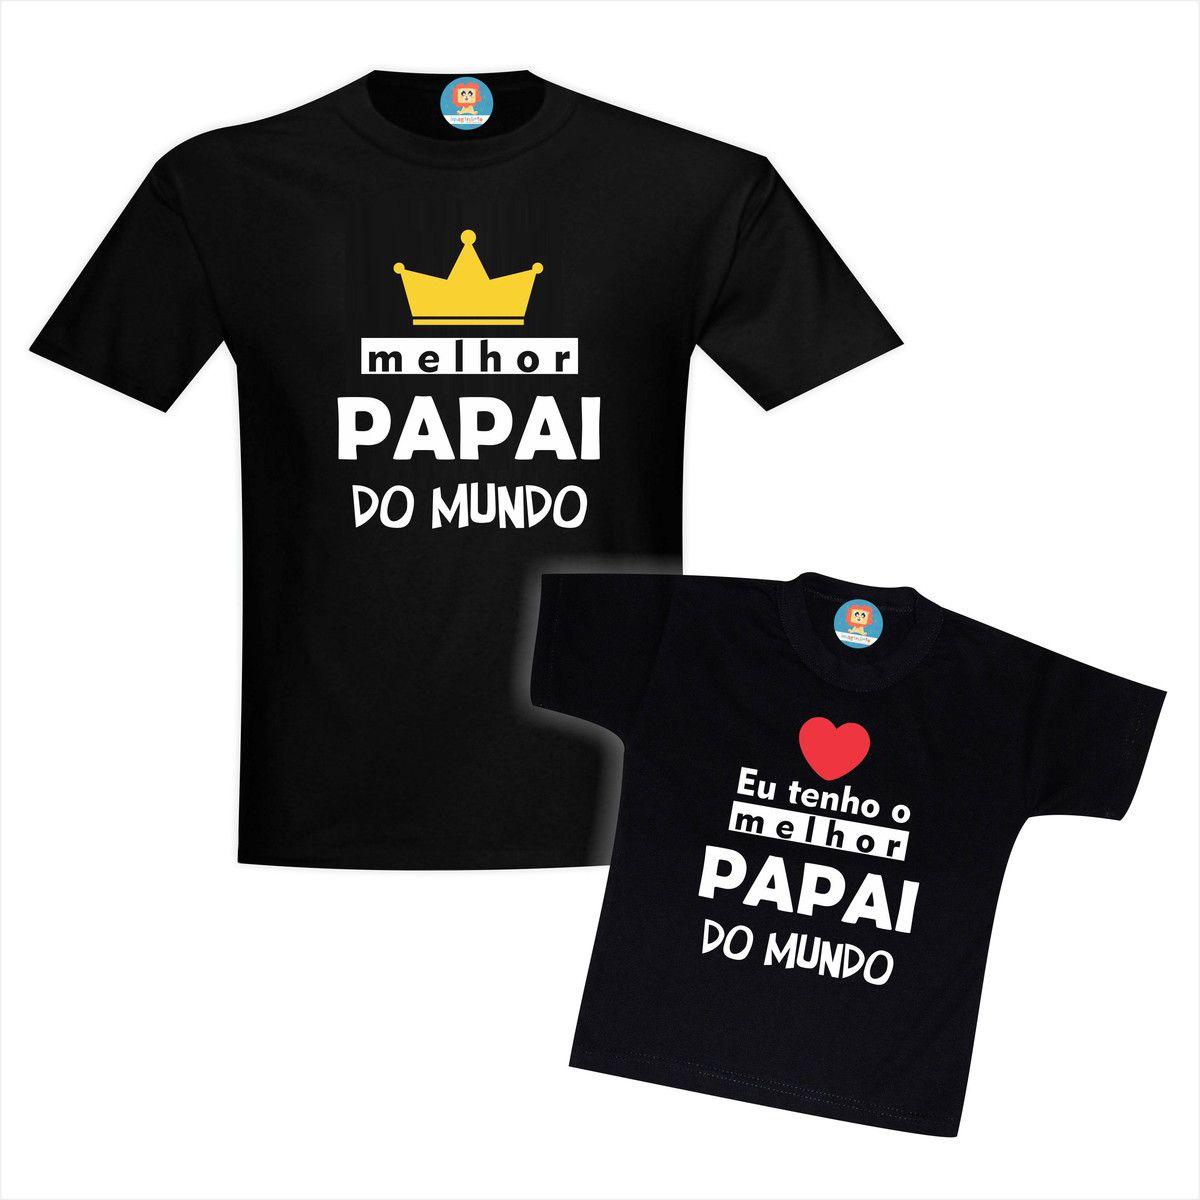 Kit Camisetas Melhor Papai do Mundo - Dia dos Pais